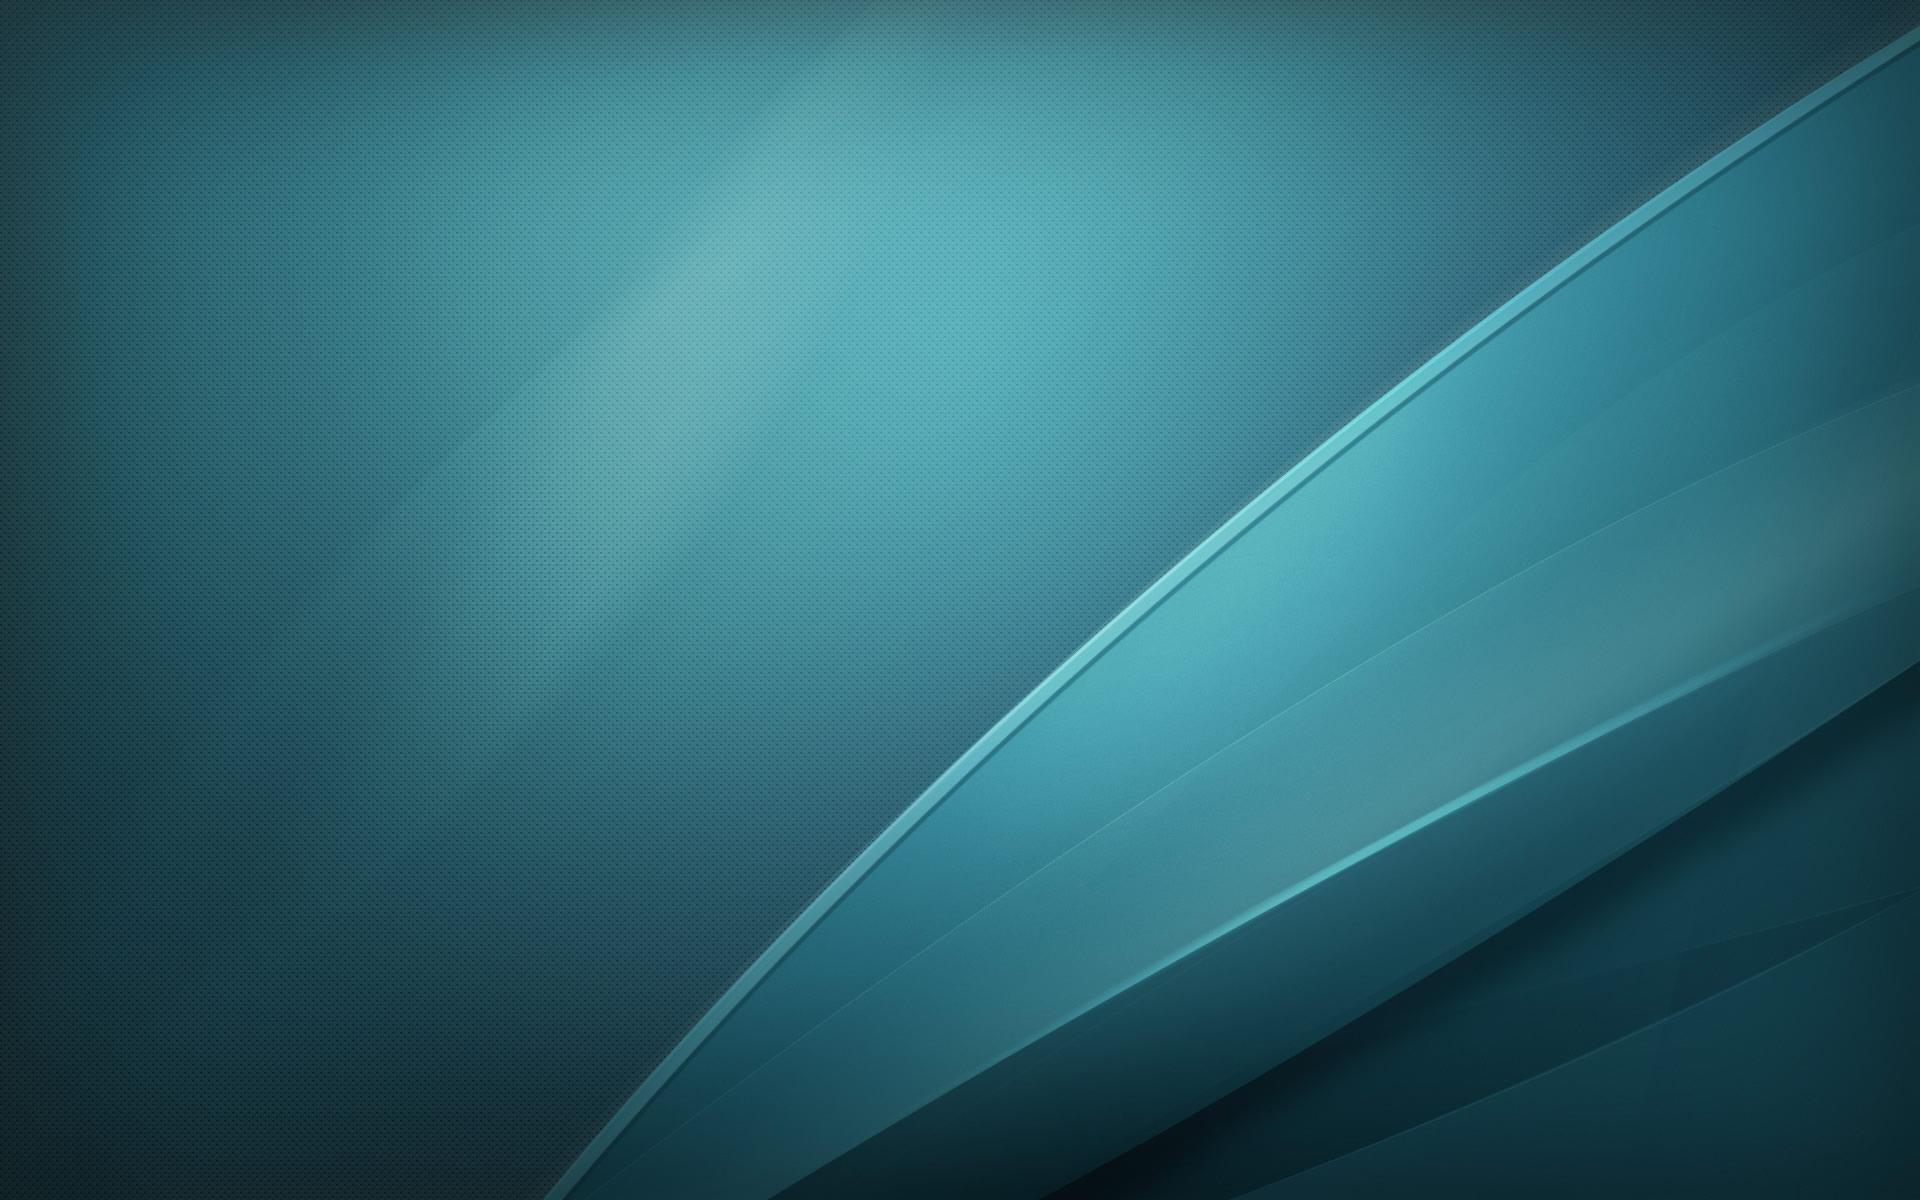 Fondo Sencillo Azul